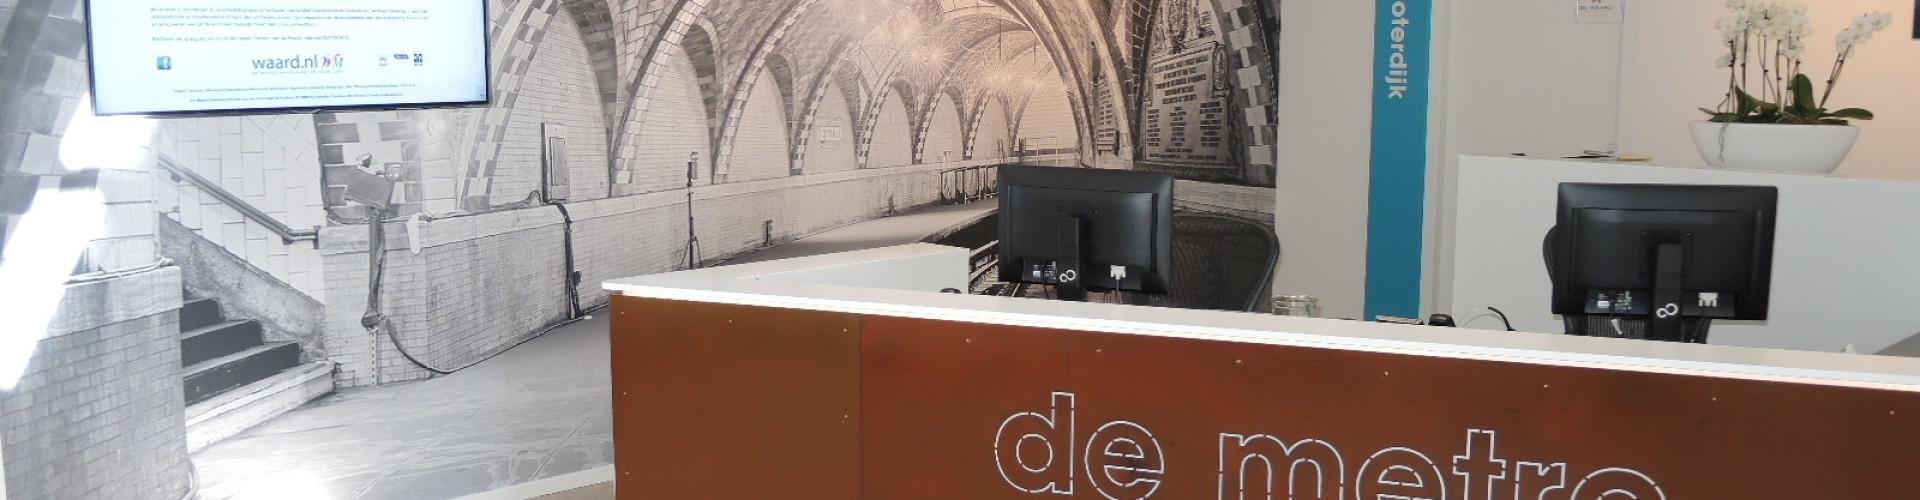 bedrijvenverzamelgebouw de metro in Franeker